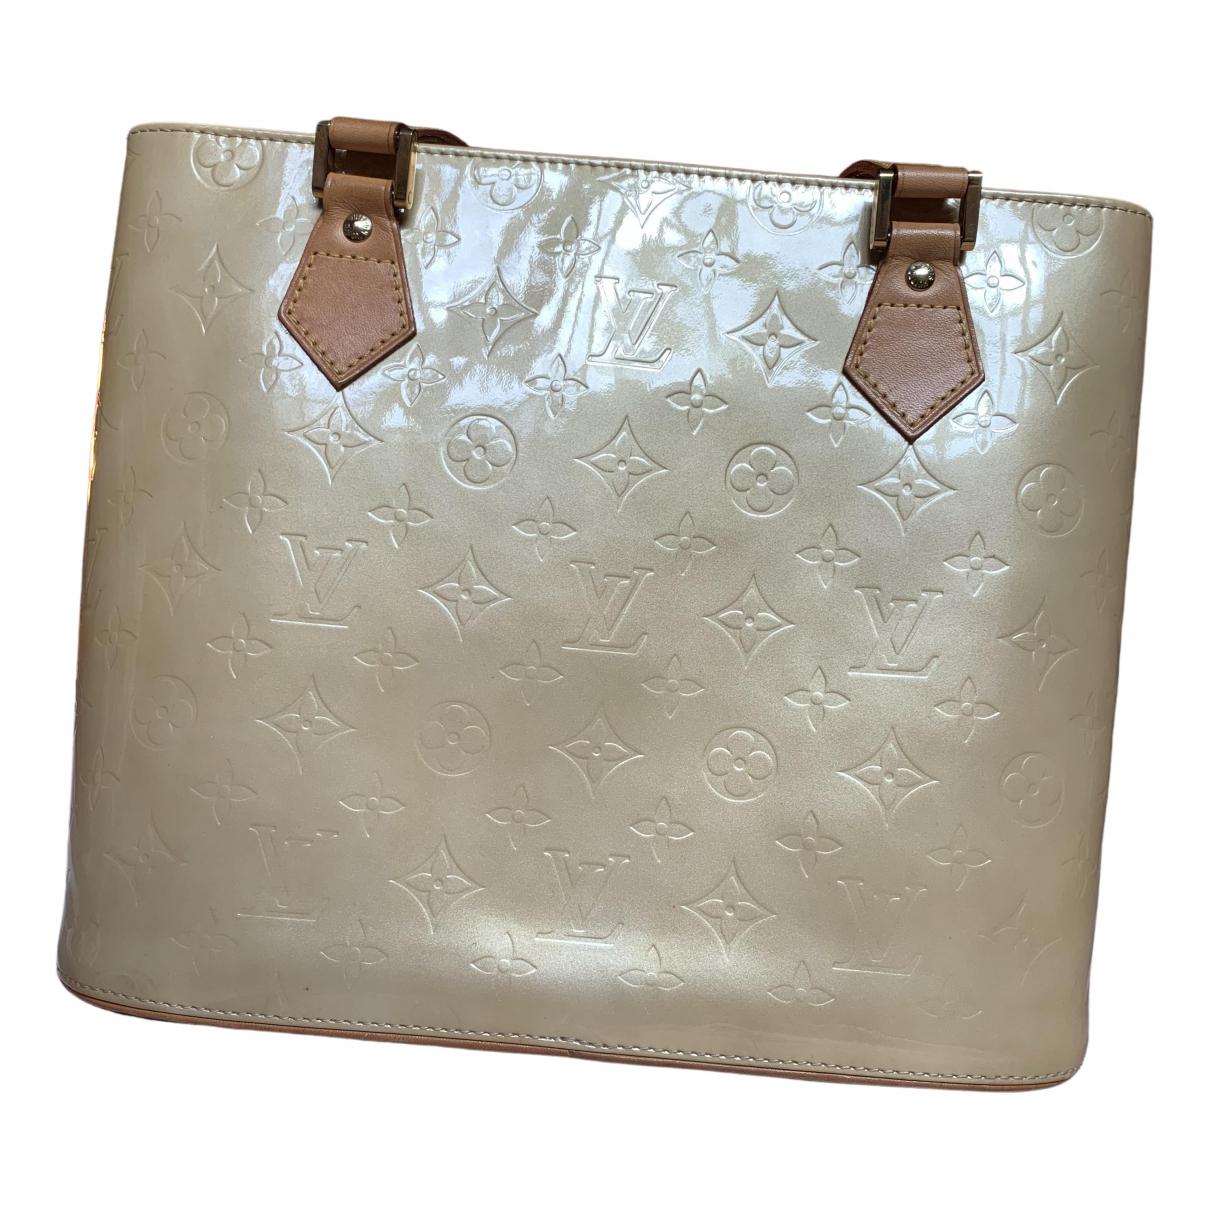 Louis Vuitton Houston Handtasche in  Beige Lackleder